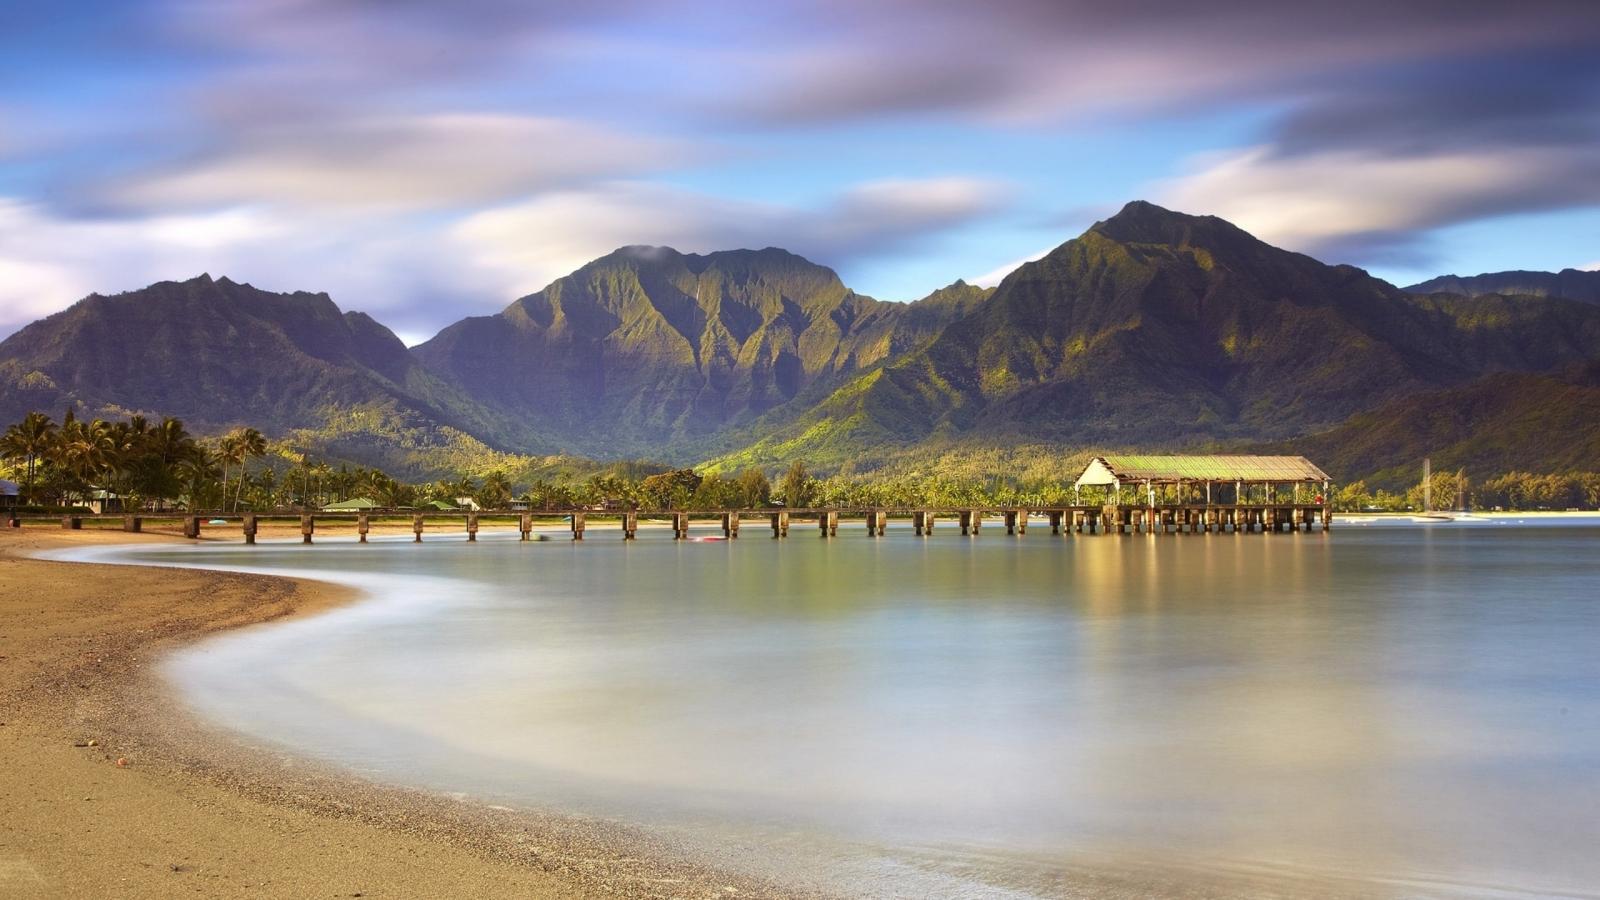 Montañas y playas - 1600x900